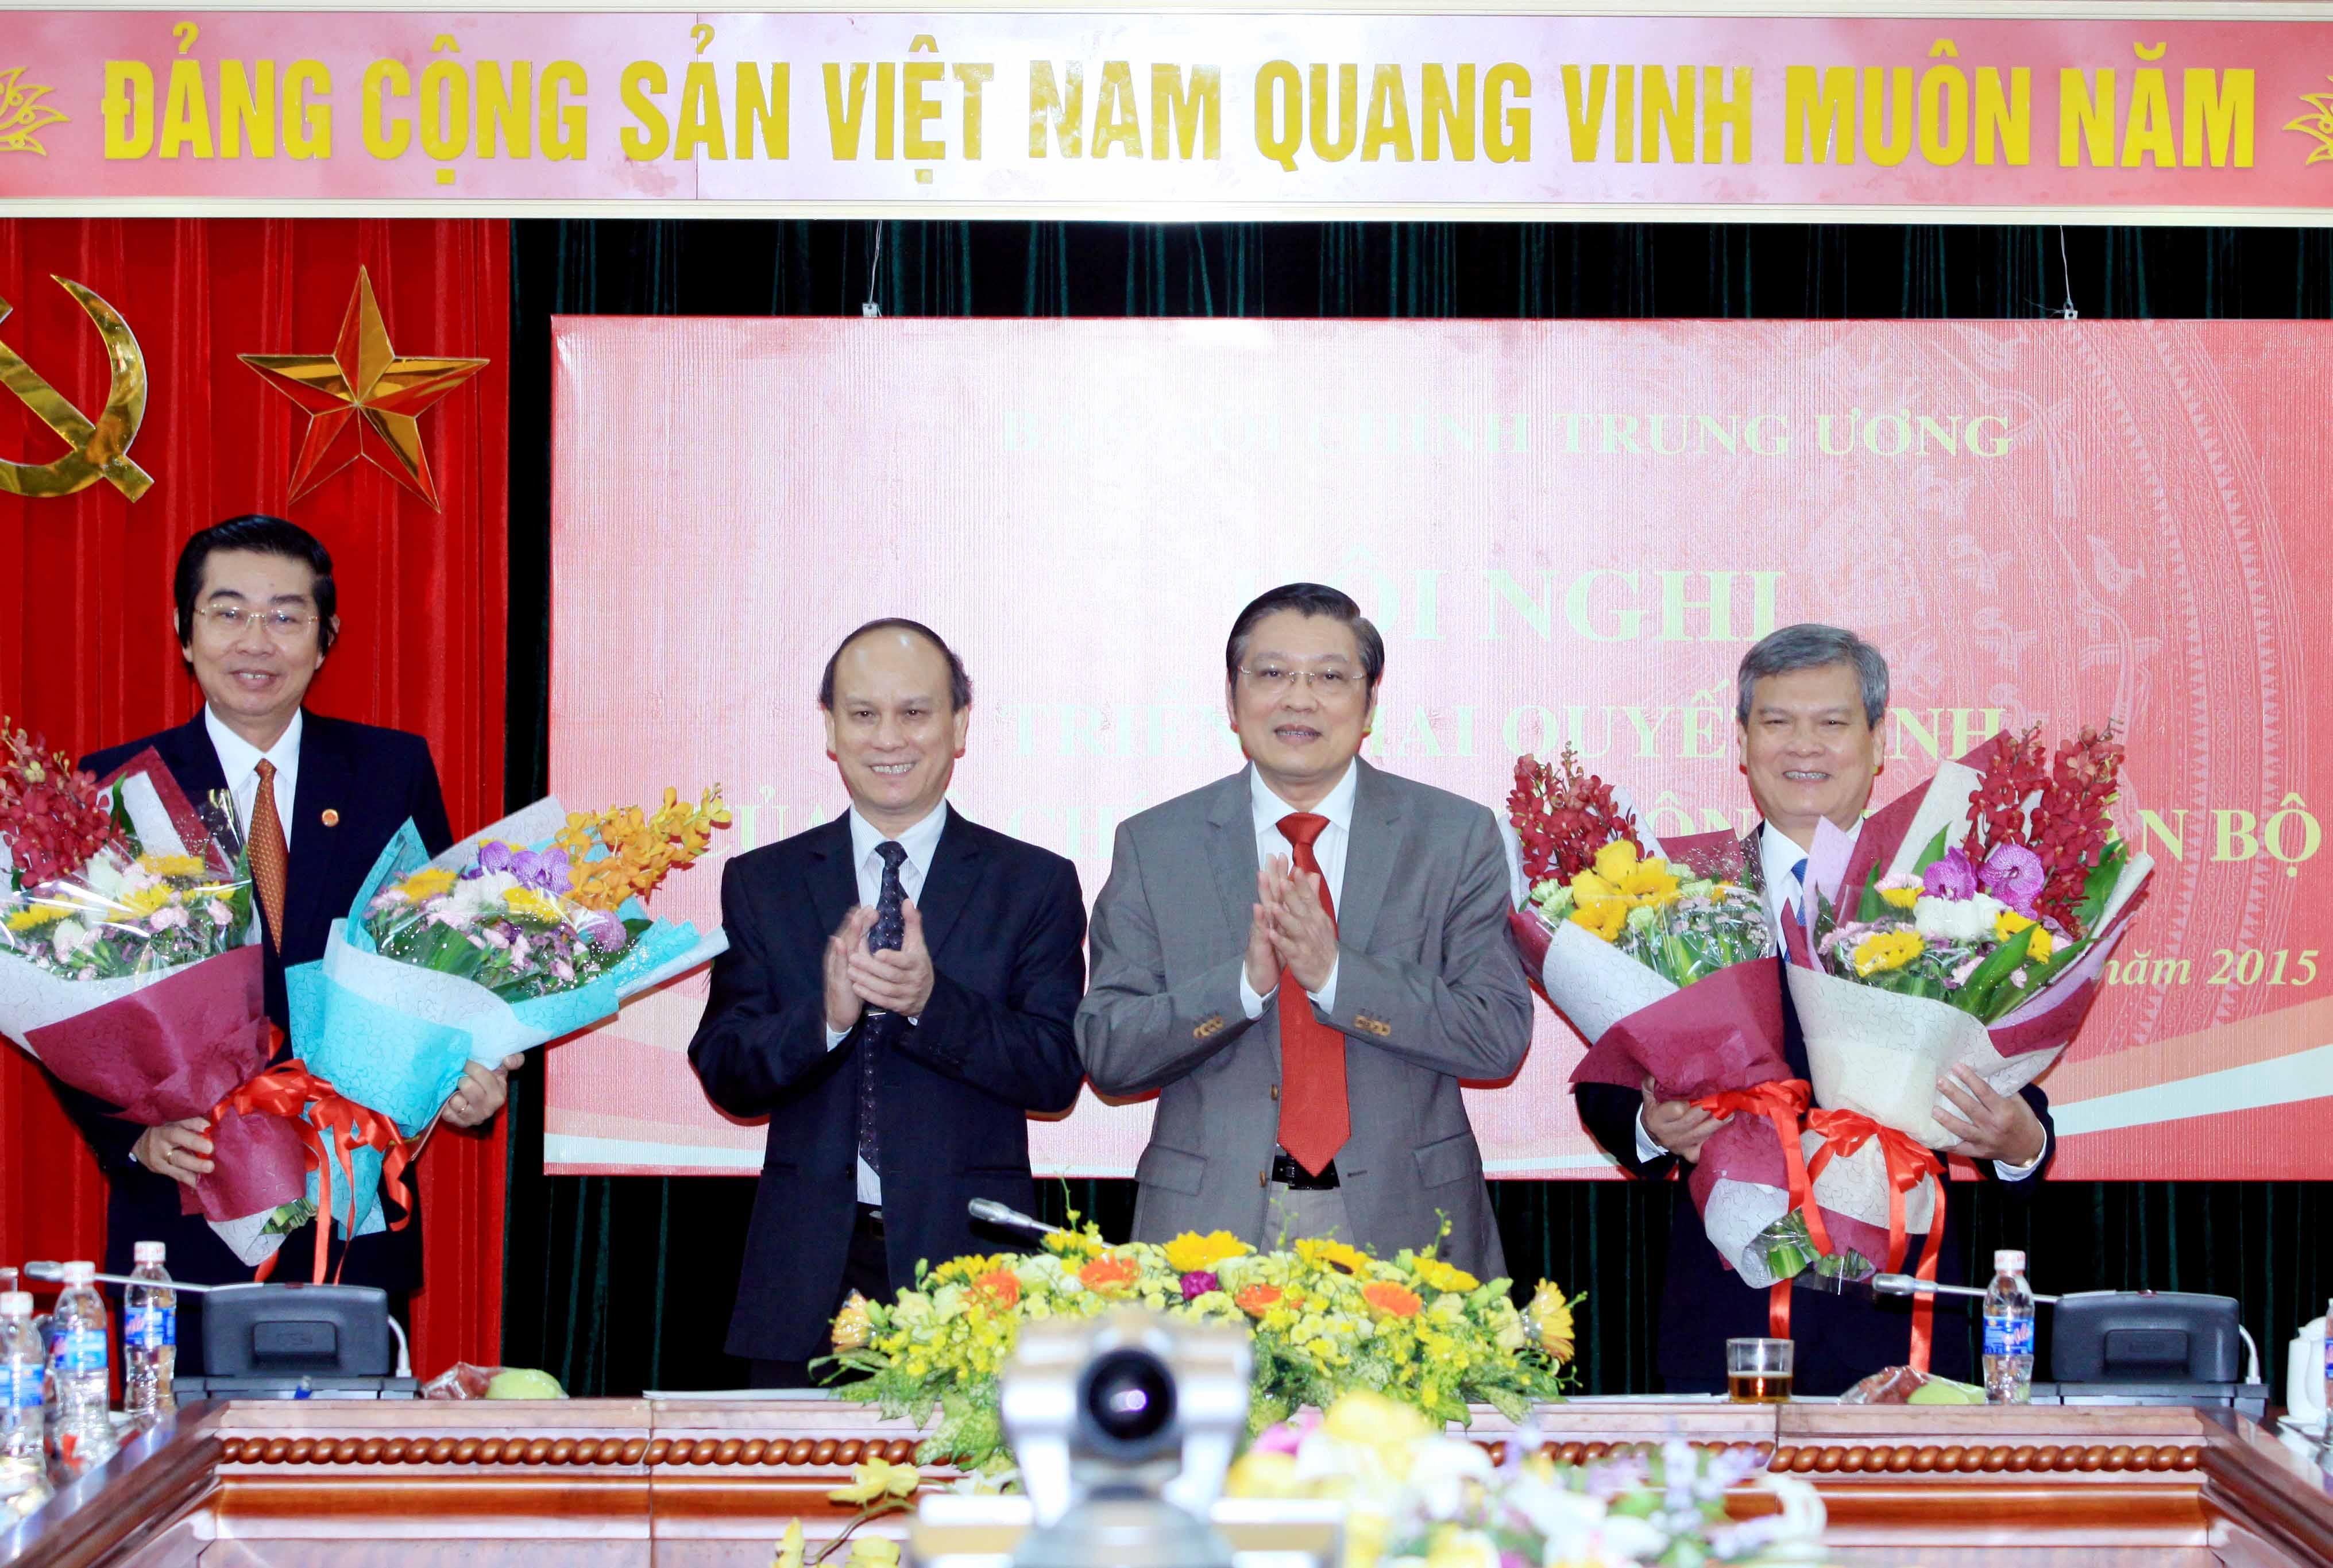 Tặng hoa chúc mừng cho tân Phó Trưởng Ban Nội chính Trung ương Nguyễn Văn Thông (ngoài cùng bên phải) và tân Phó Trưởng Ban Nội chính Trung ương Võ Văn Dũng (ngoài cùng bên trái) tại hội nghị. Ảnh: An Đăng - TTXVN.